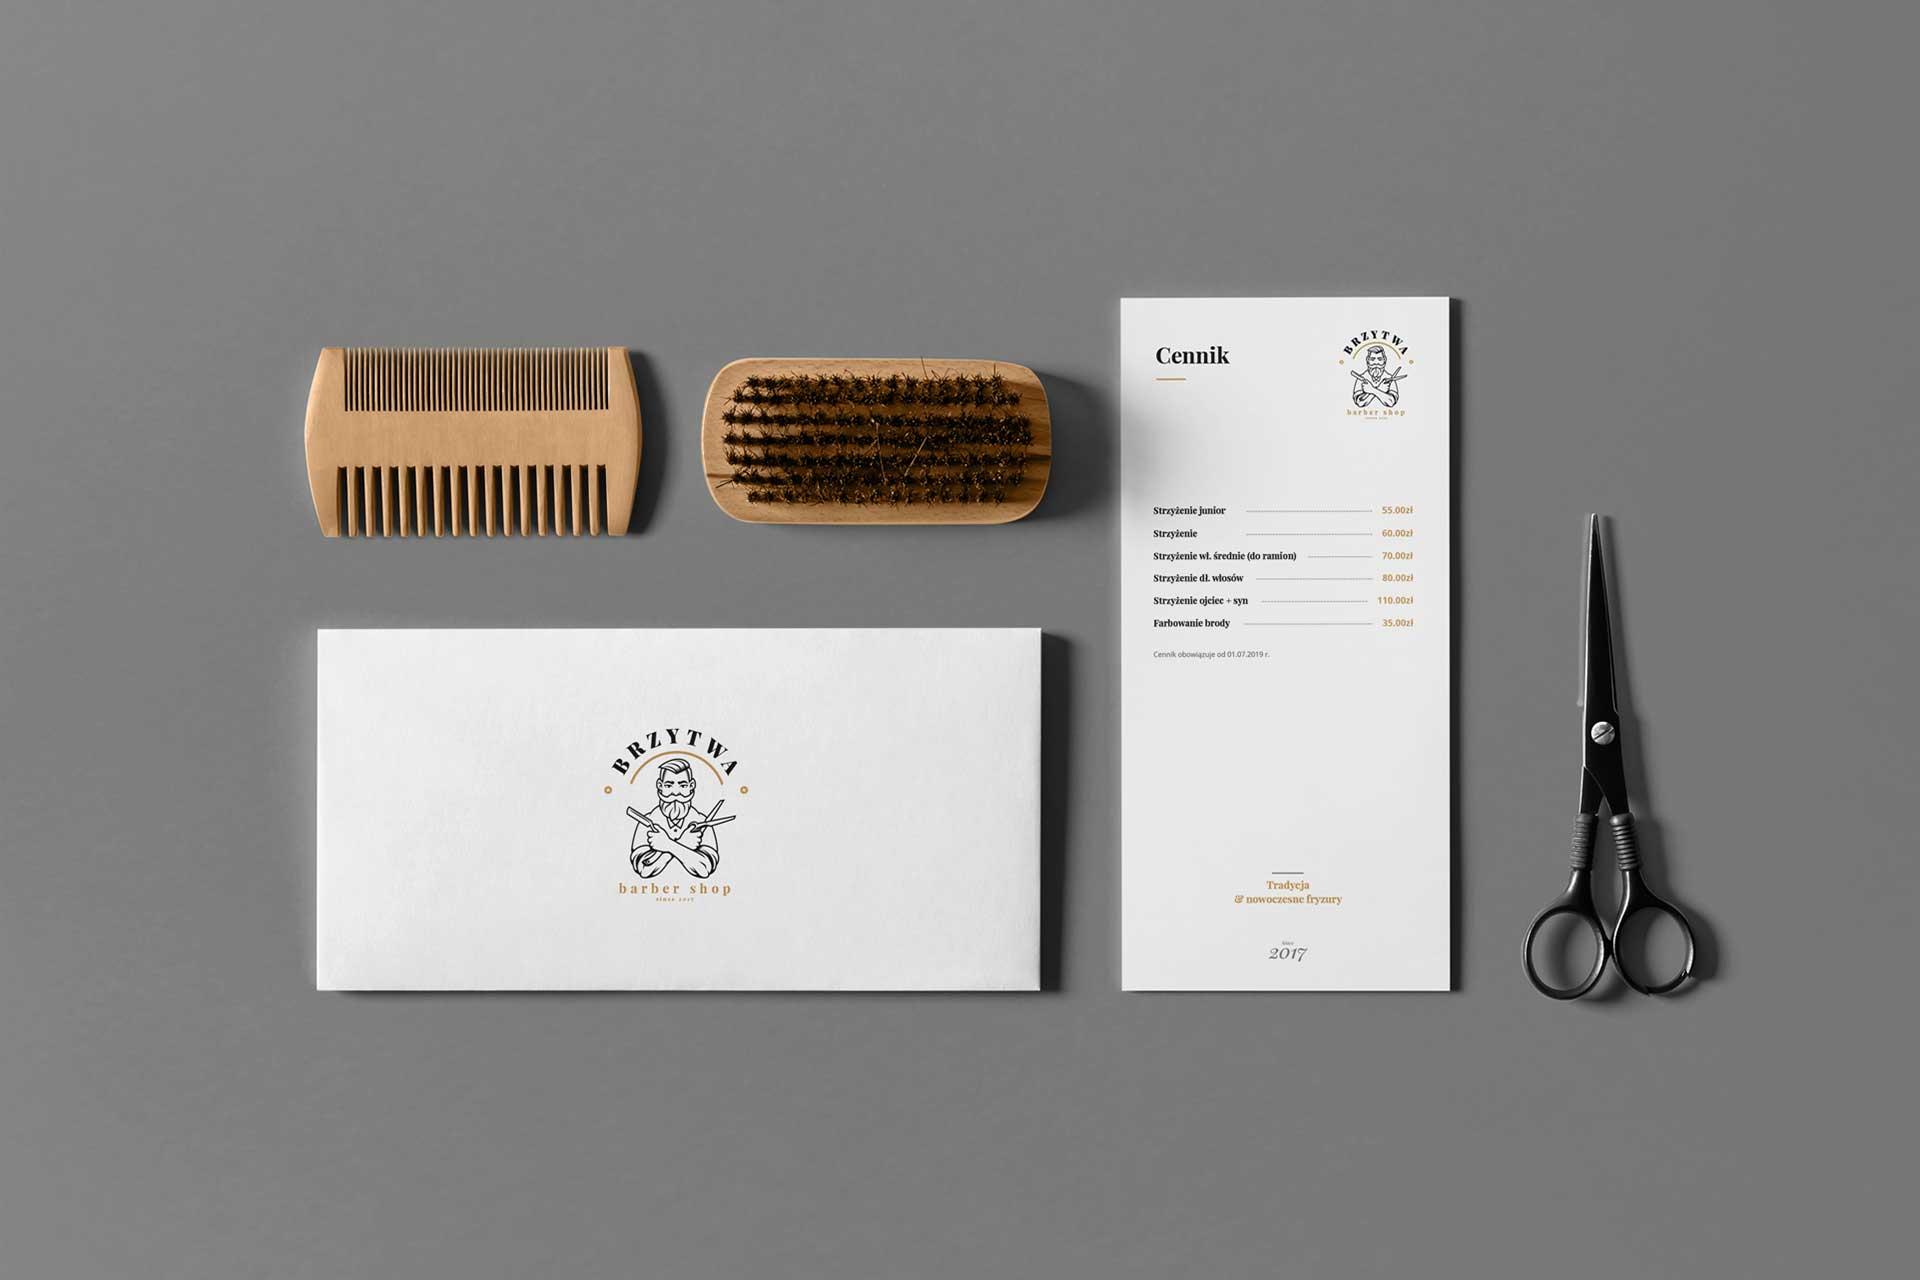 Identyfikacja wizualna w Cobance Studio - case study Brzytwa BarberShop identyfikacja wizualna barber 2